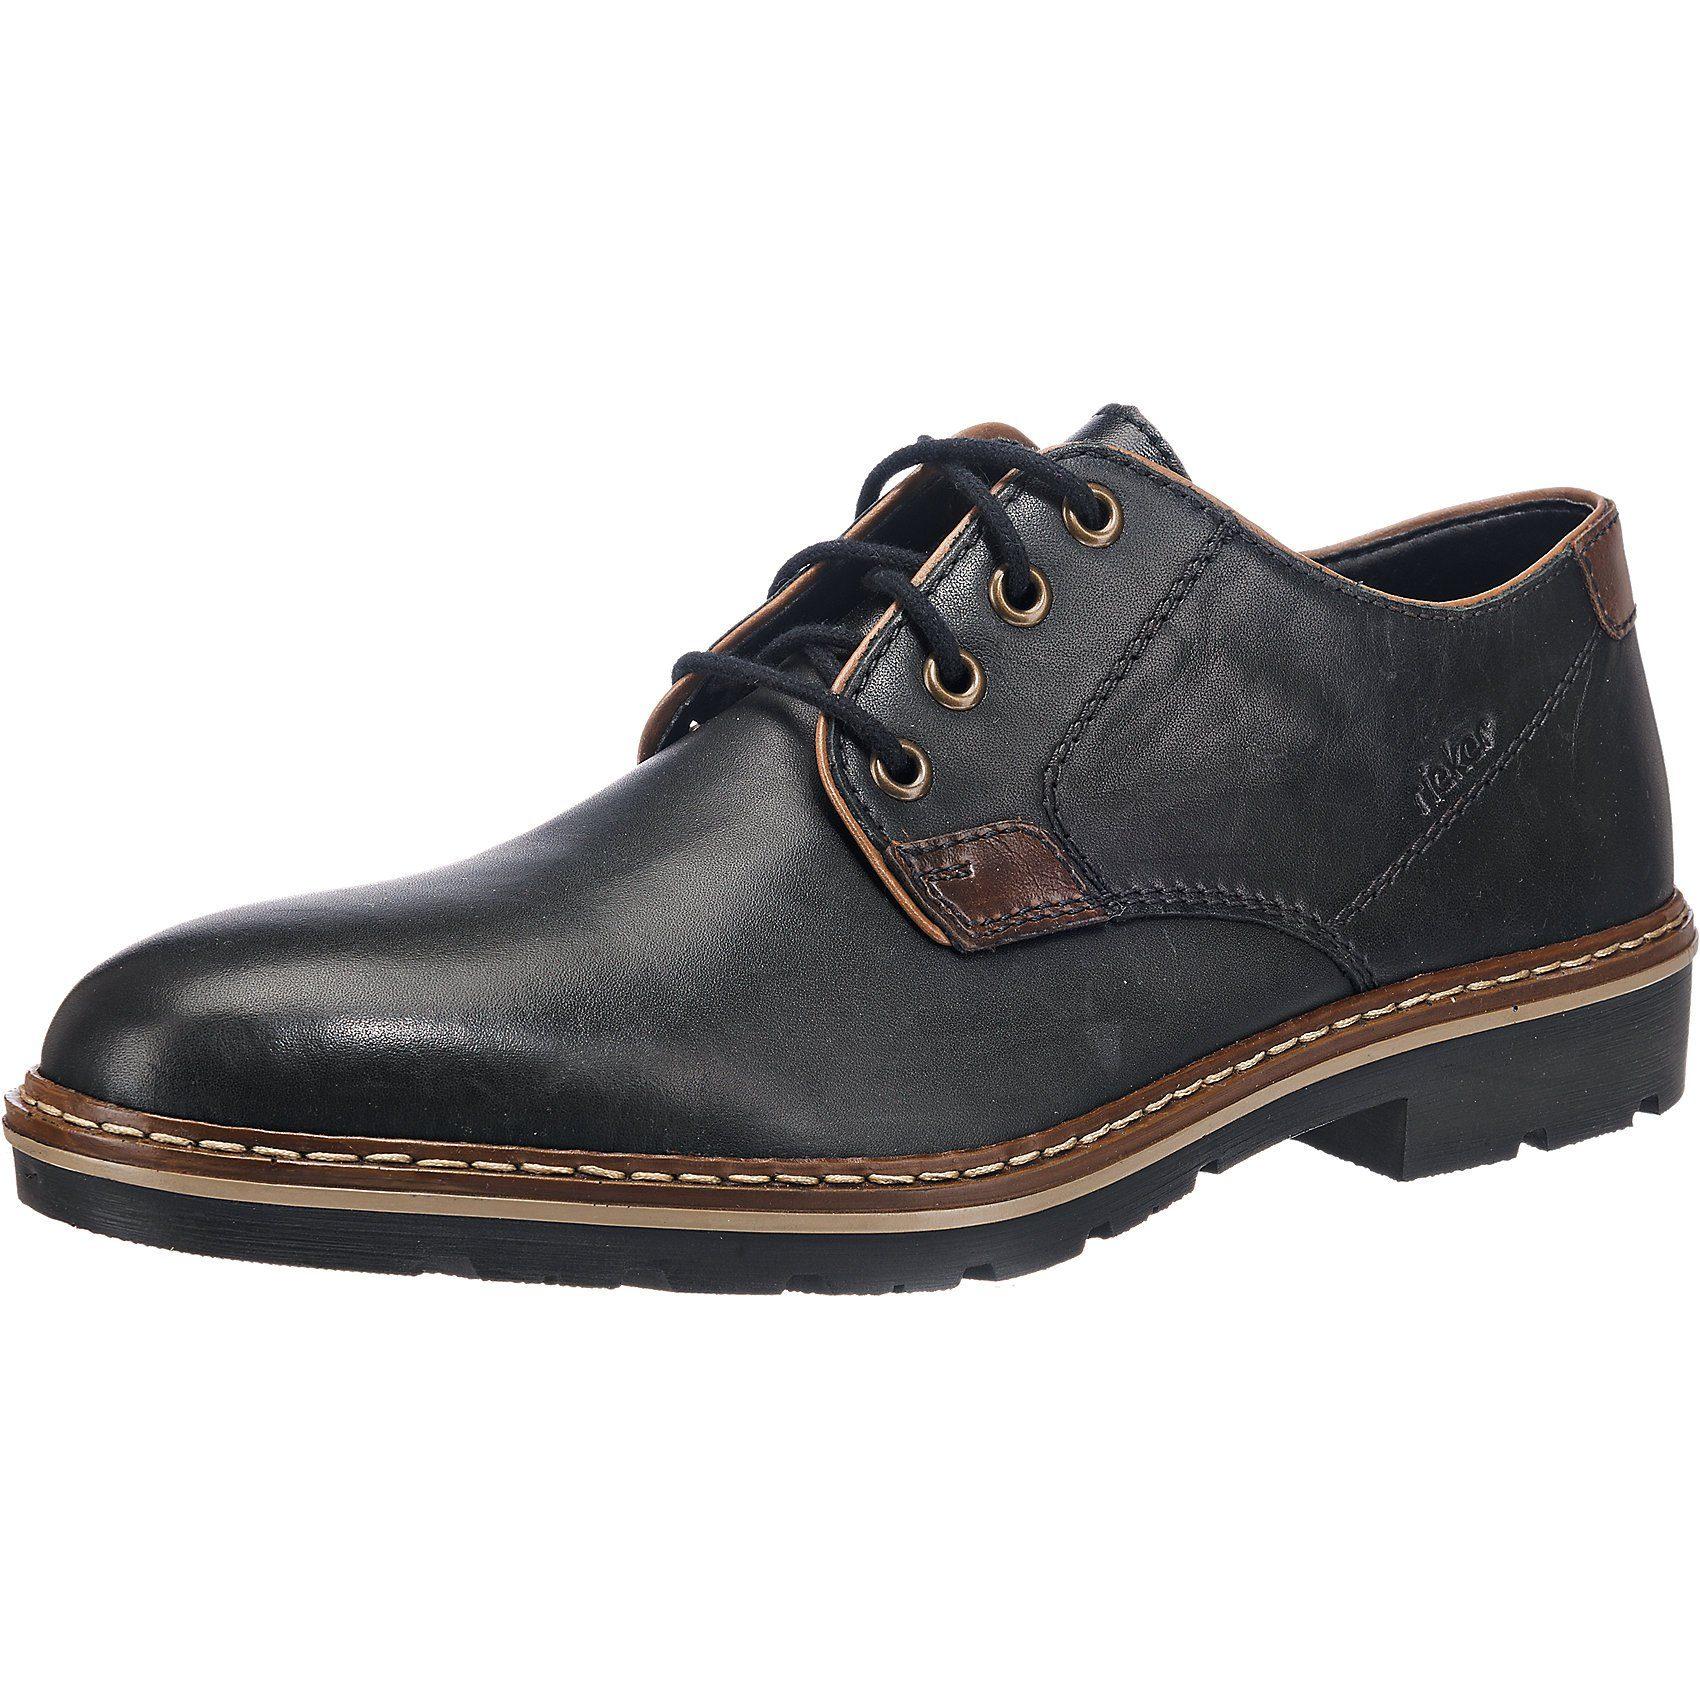 rieker Business Schuhe online kaufen  schwarz